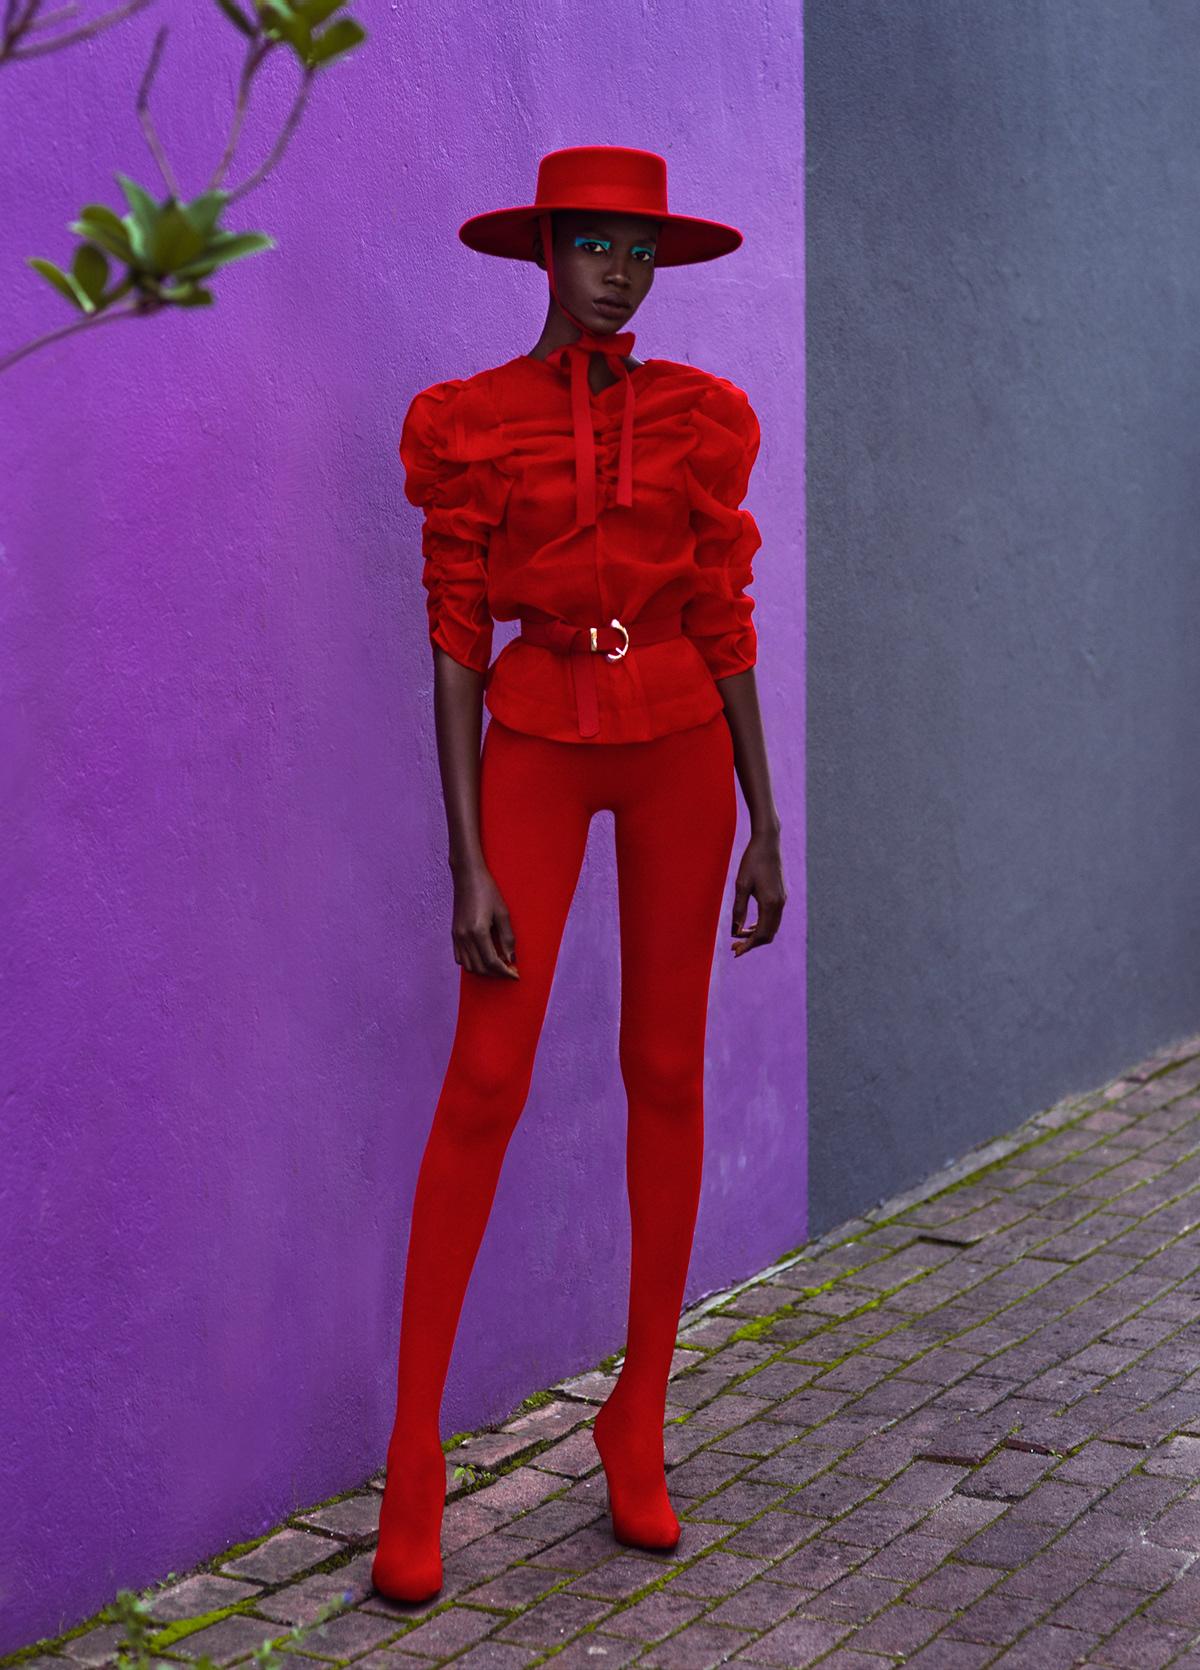 Γυναίκα με κόκκινο καπέλο και κοστούμι.